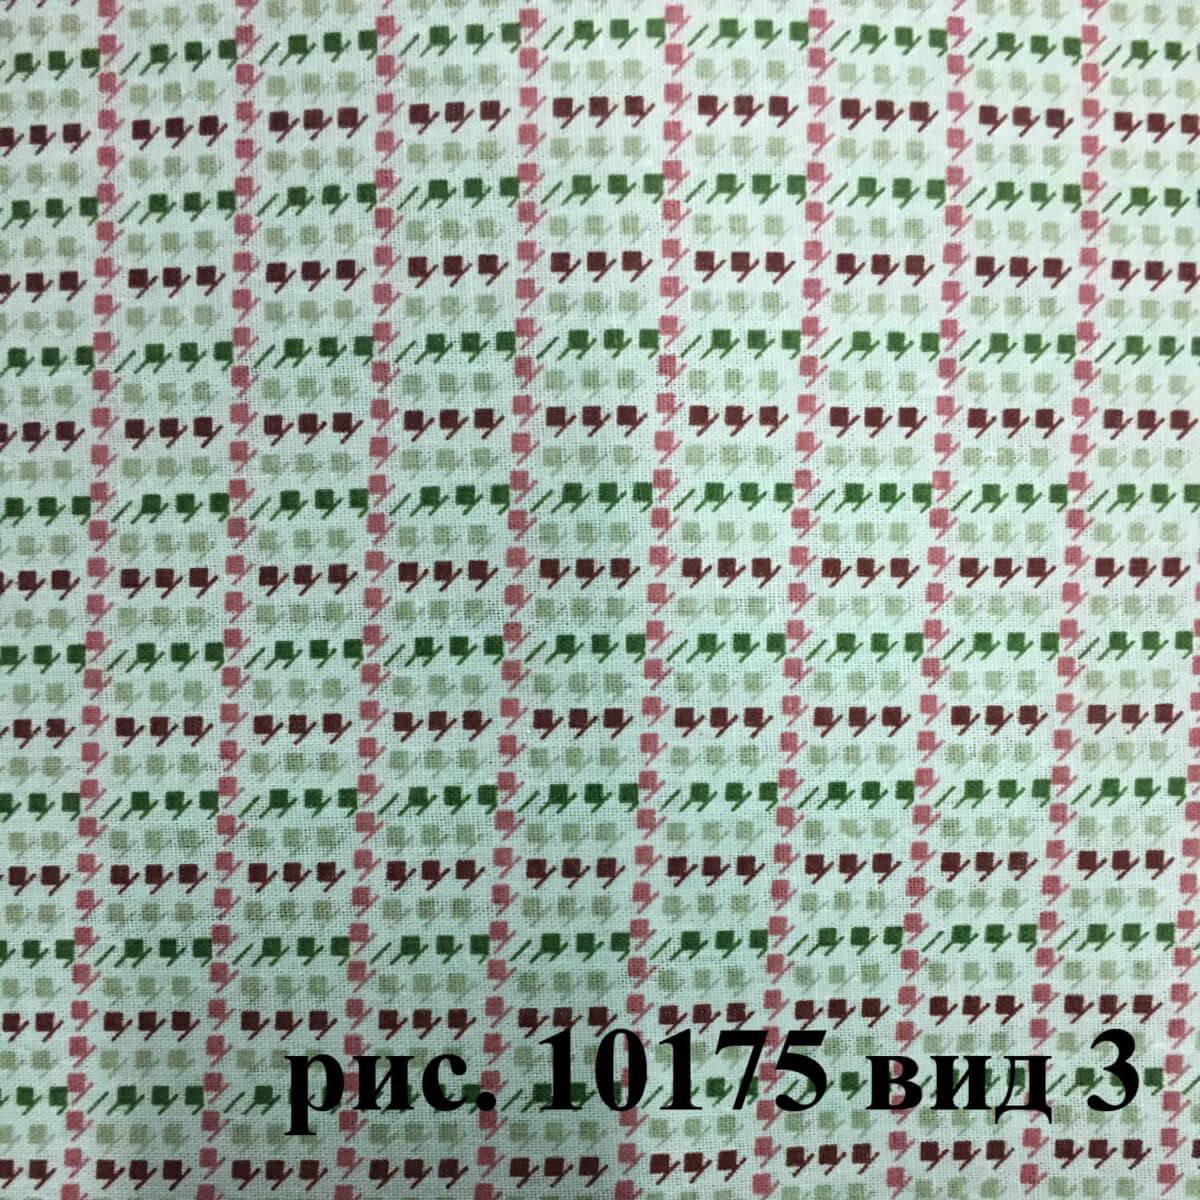 Фото 10 - Плательная ткань бязь 220 см (10175/3).